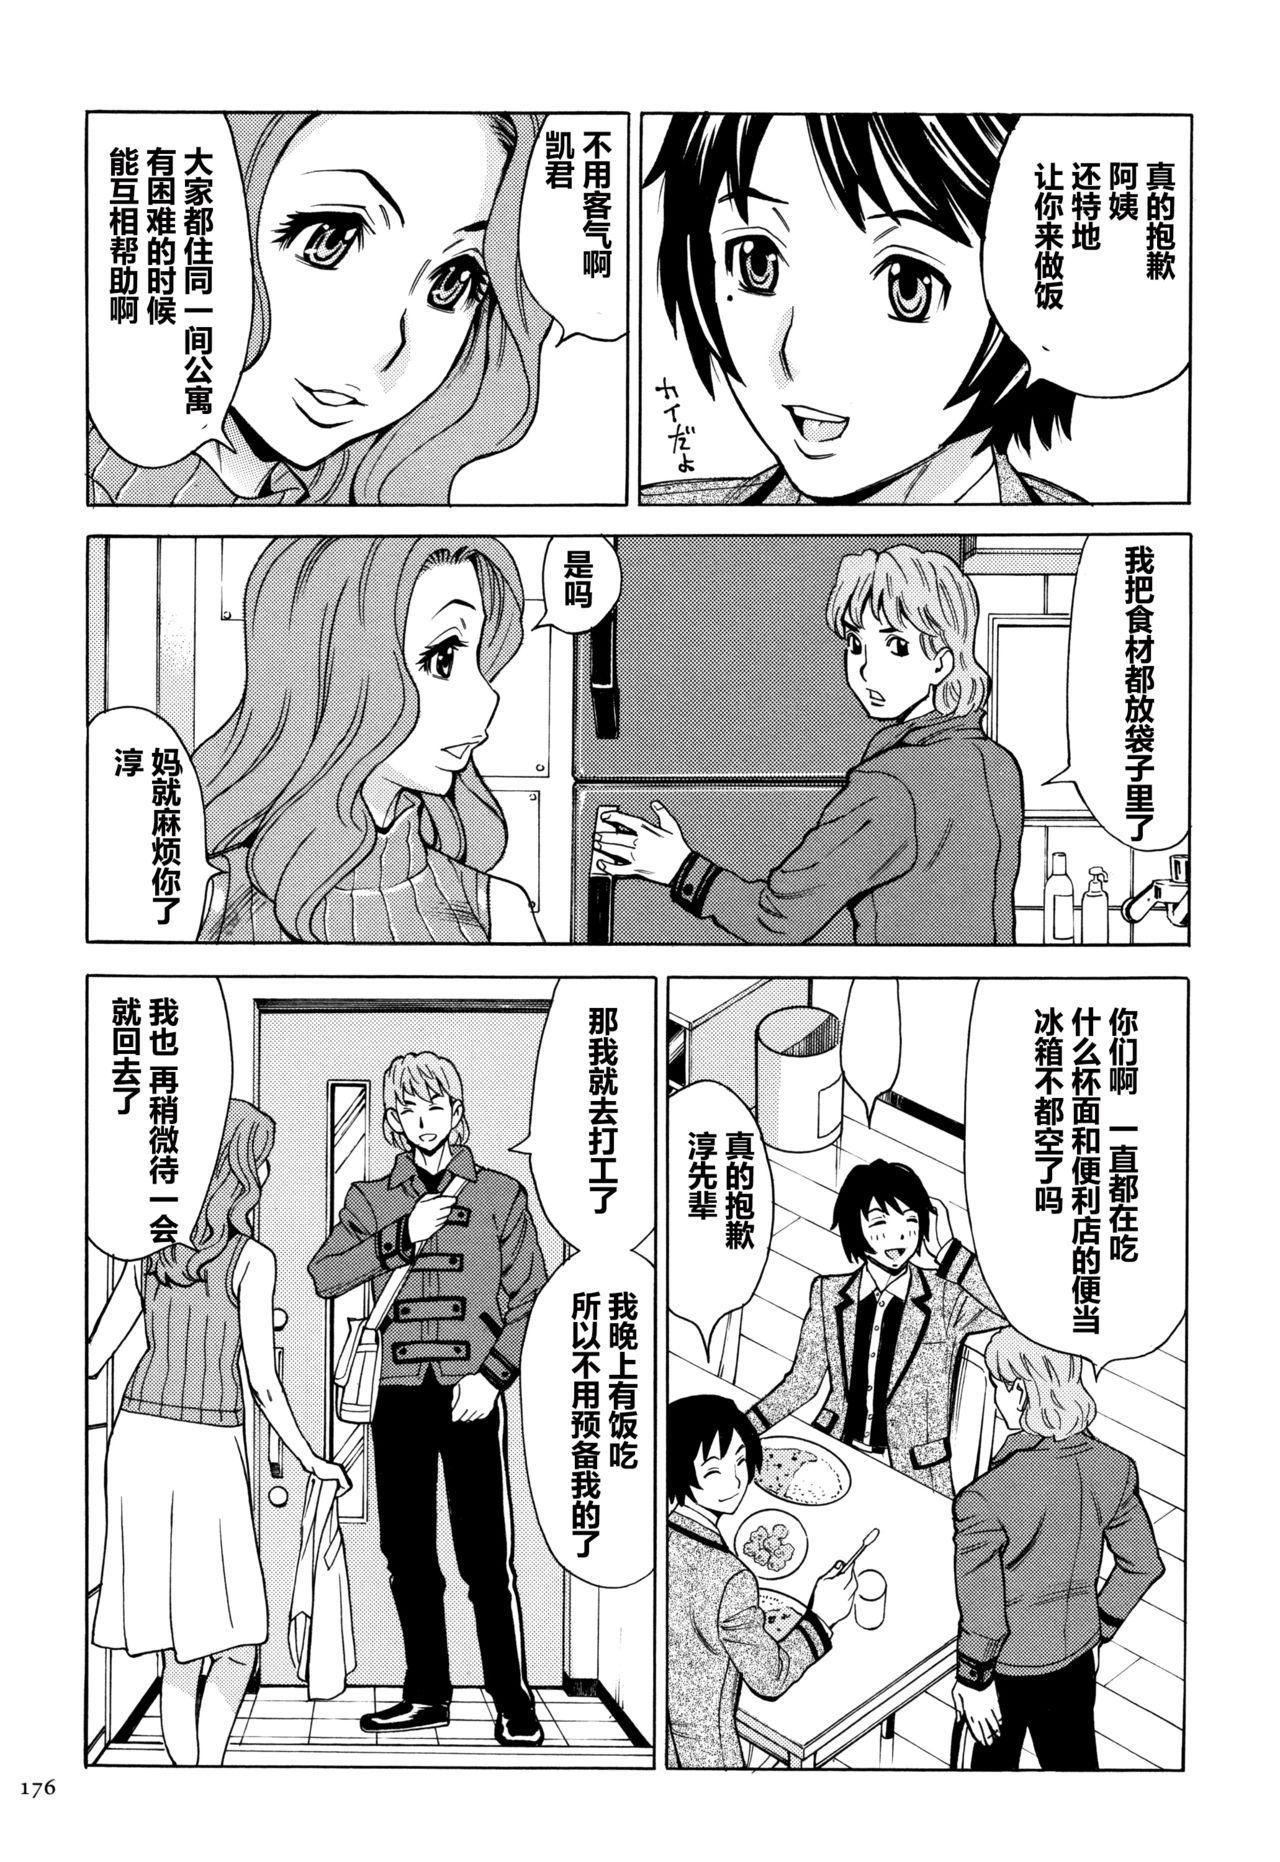 Oba-san dakedo, Daite Hoshii. 176